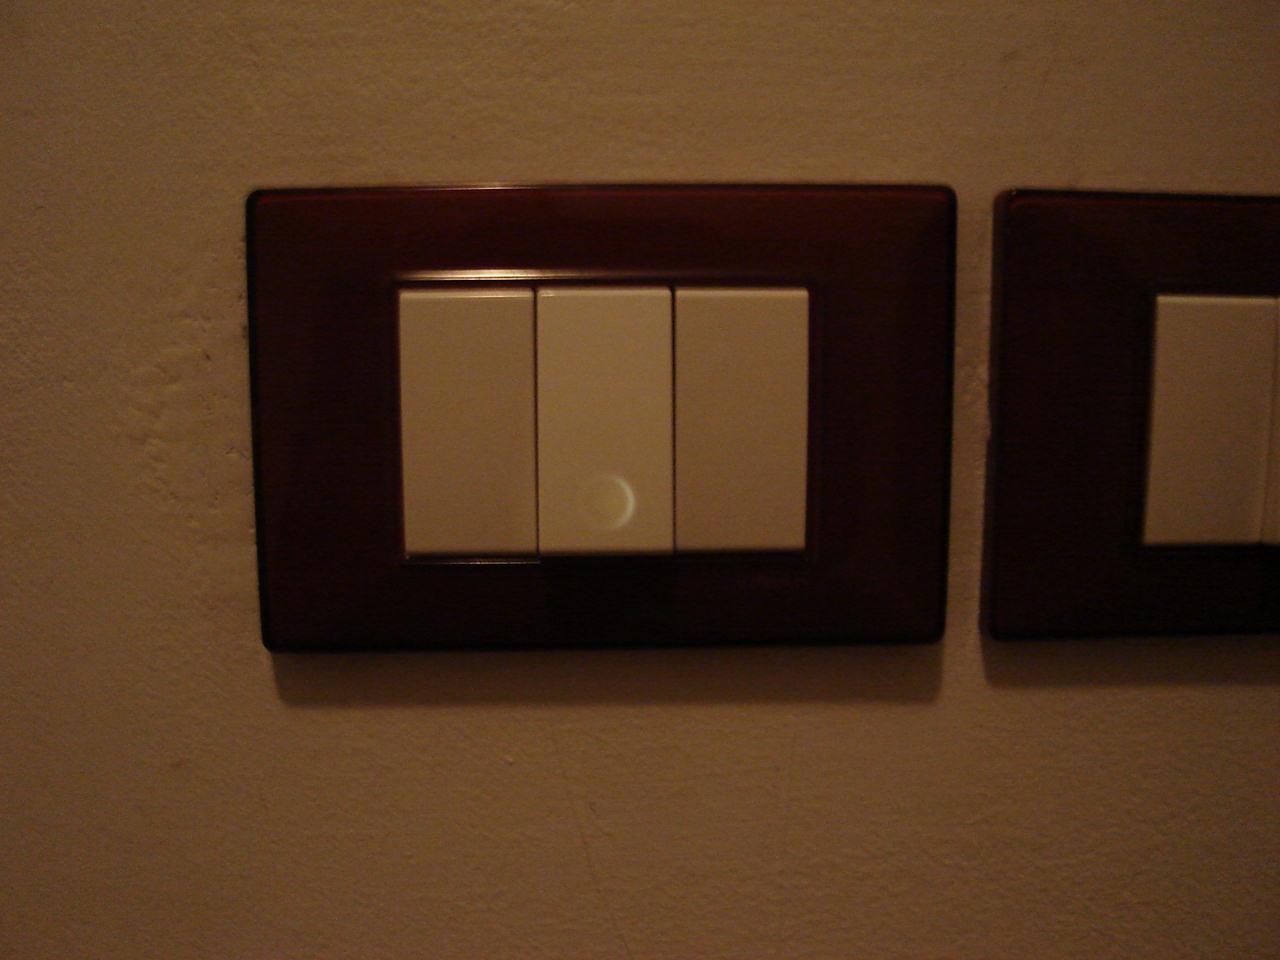 Illuminare un interruttore di casa con un led - Luci al led per casa ...